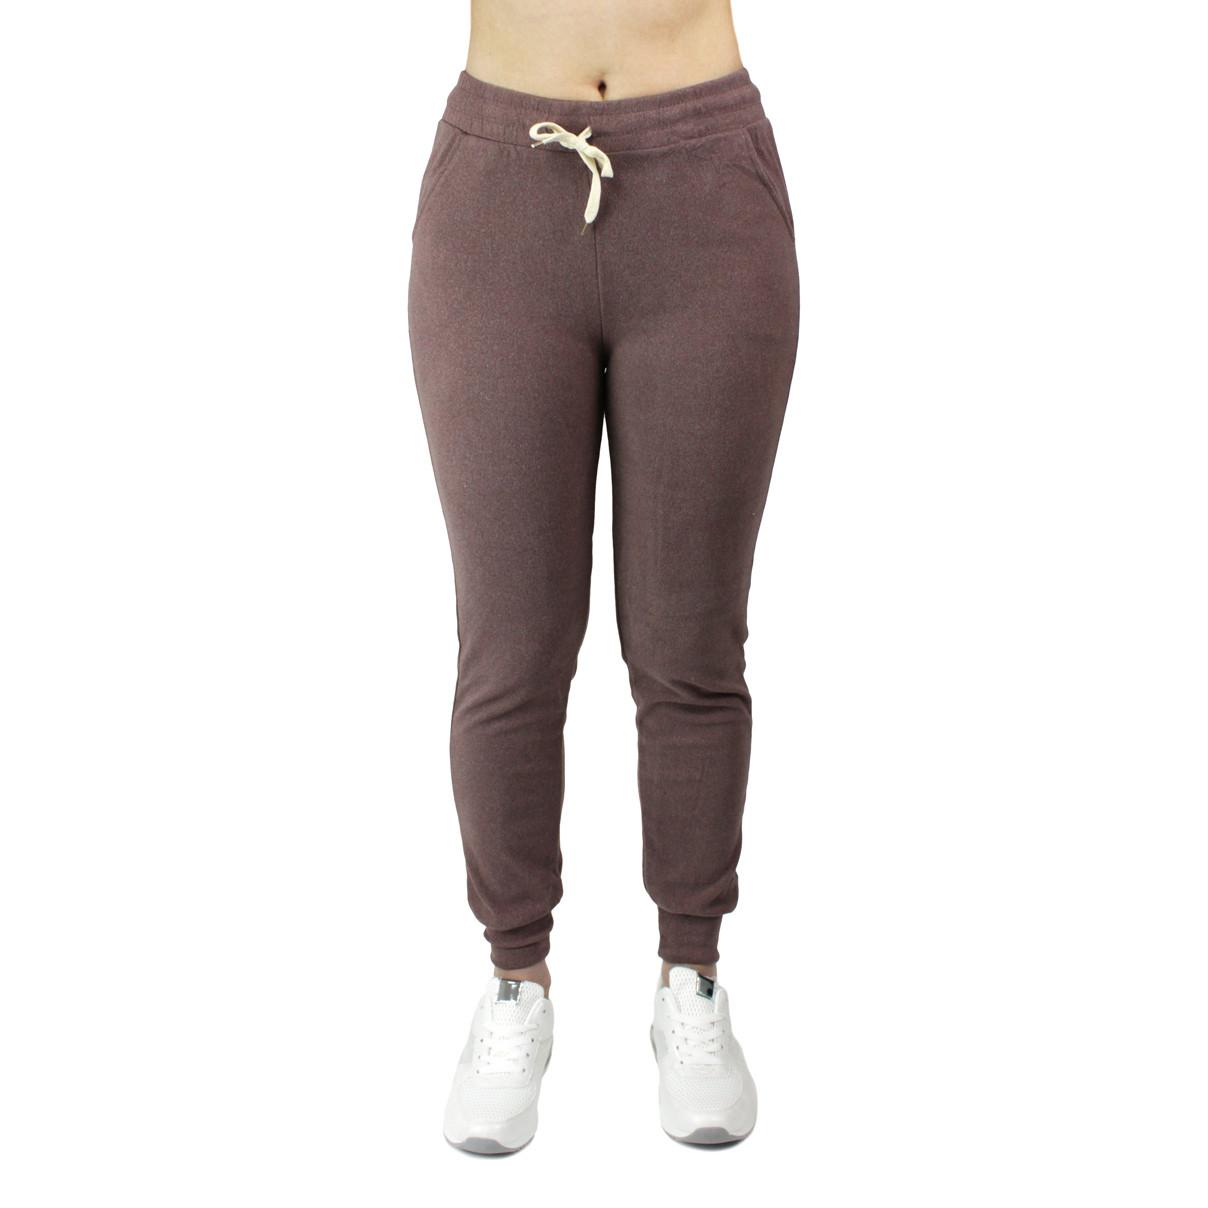 Спортивні штани жіночі Метелик N-S-03-2 Літні Коричневі